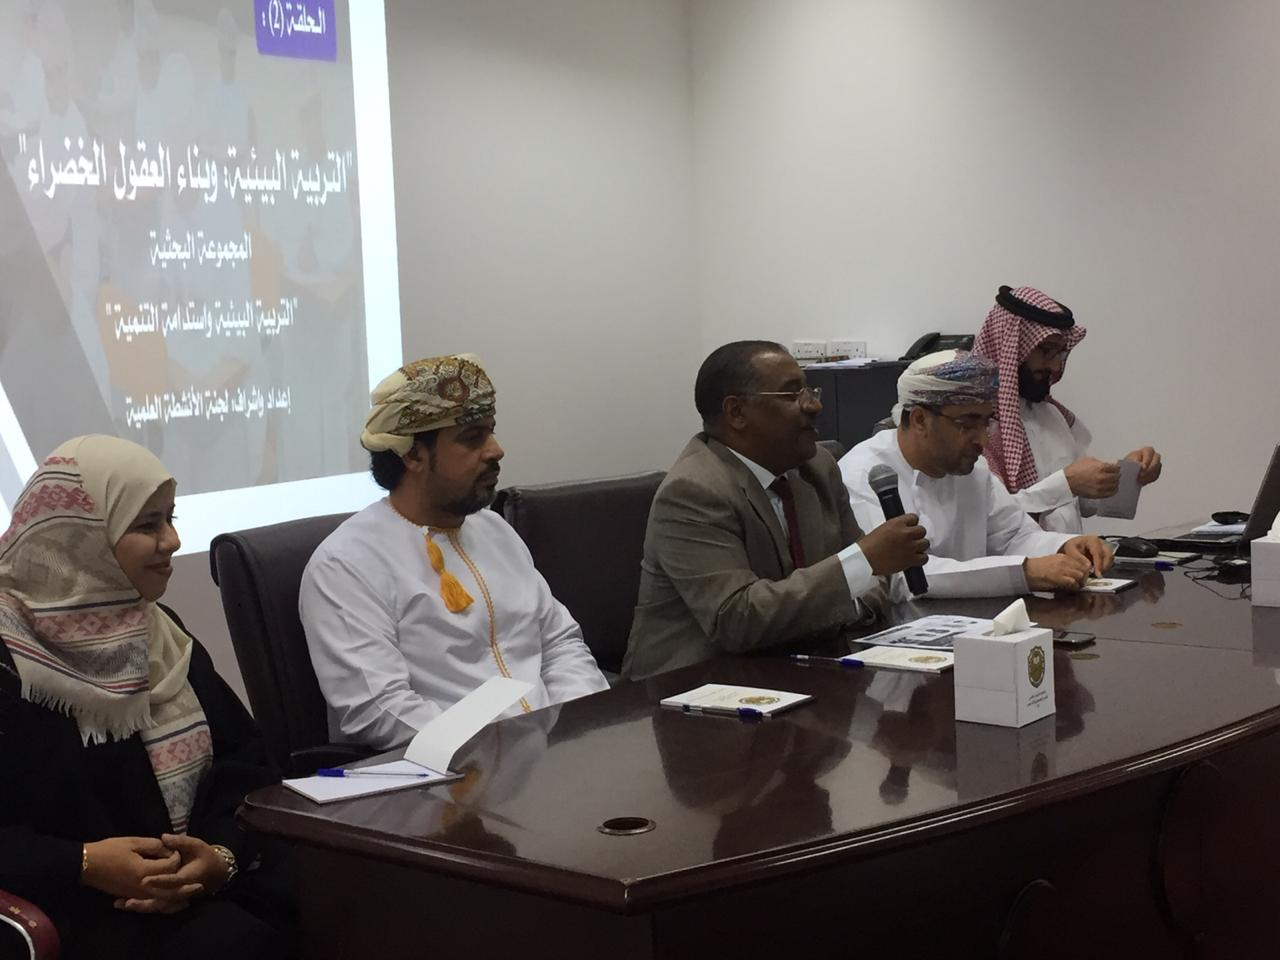 جامعة السلطان قابوس تنظم حلقة عن التربية البيئية